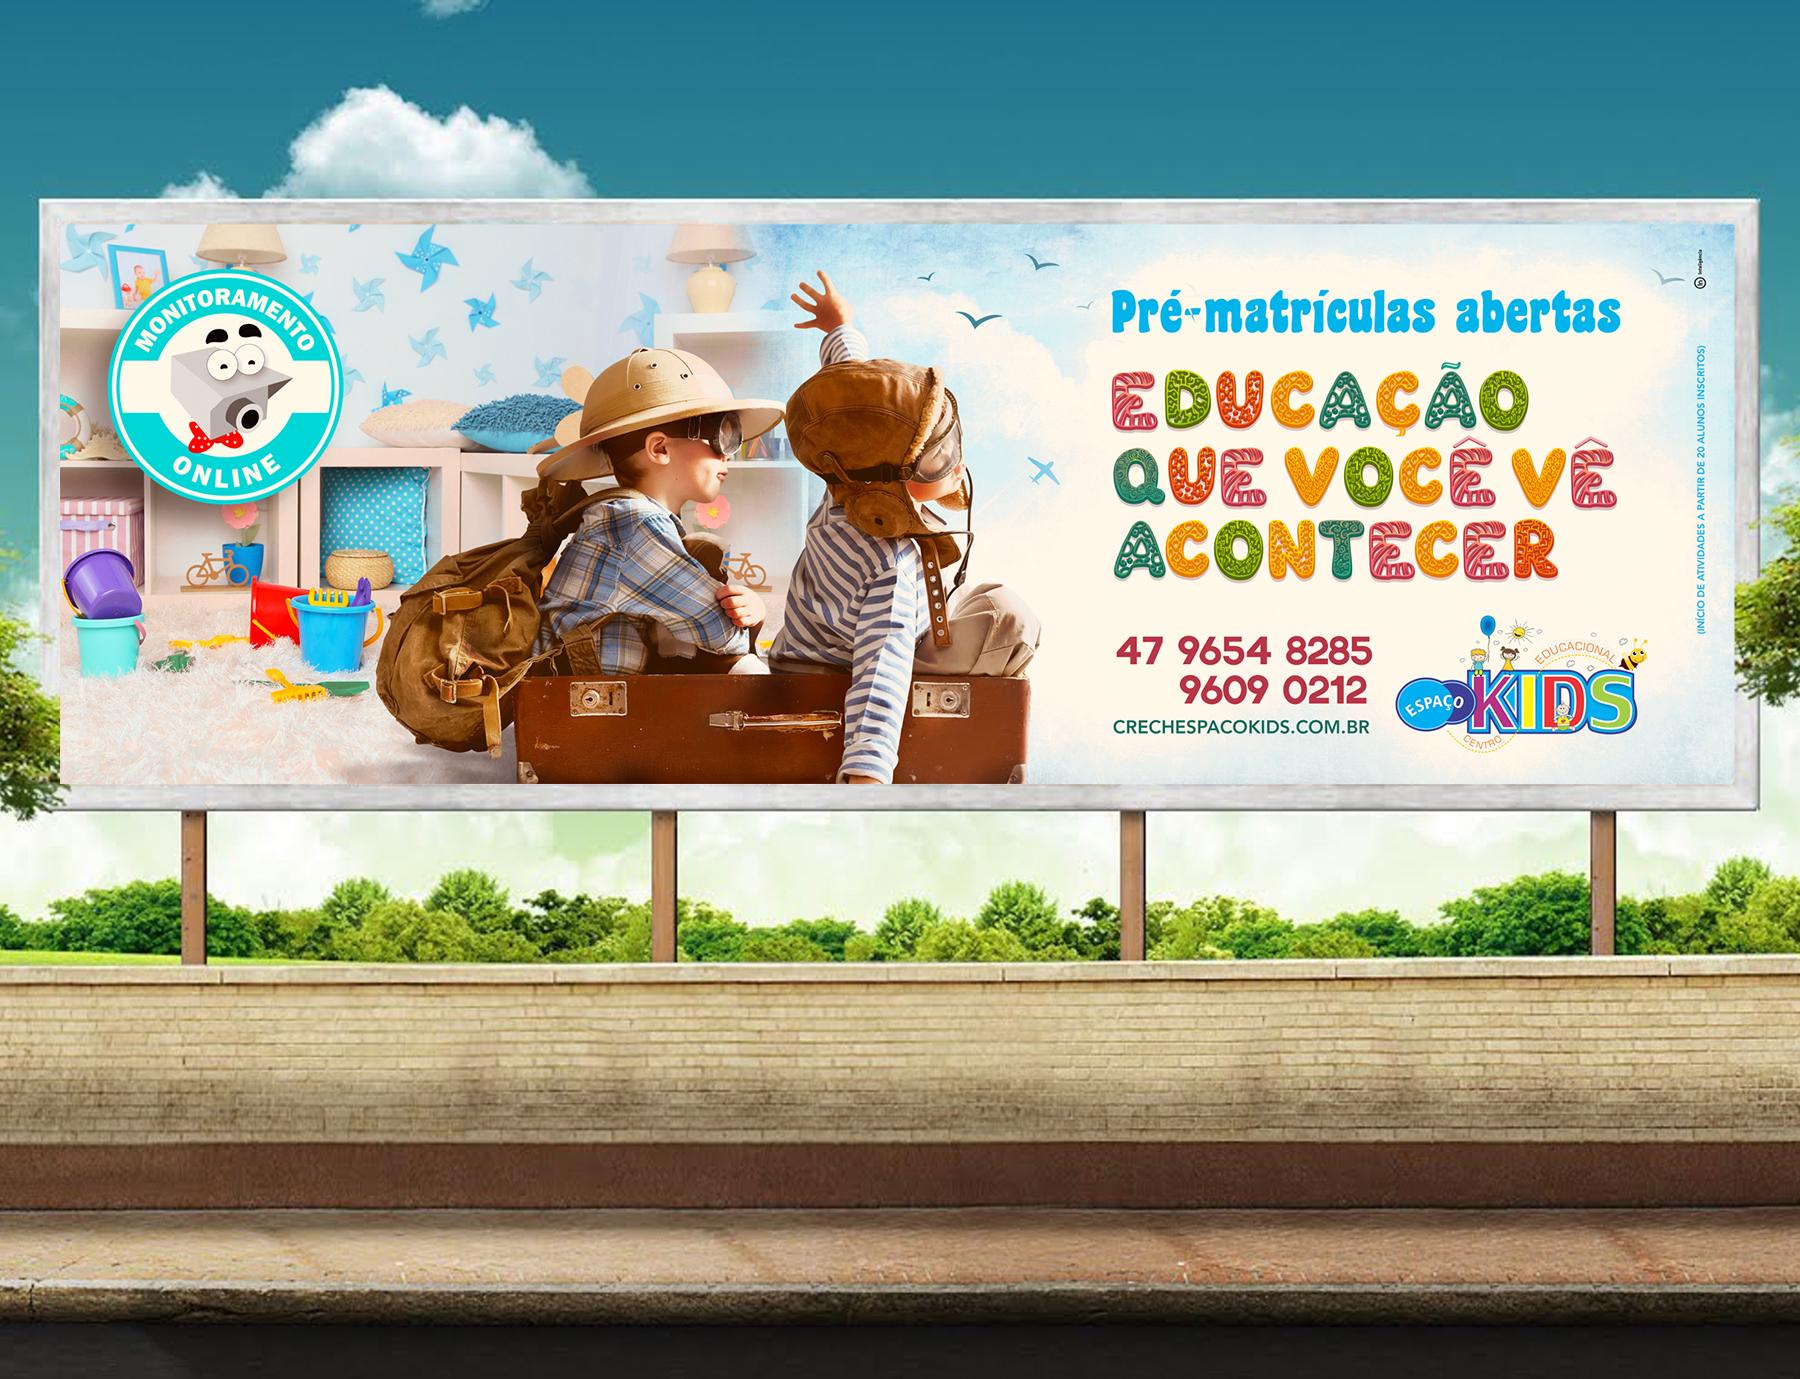 Inteligencia Marketing - ESPAÇO KIDS – CAMPANHA DE PRÉ-MATRÍCULA - espaco-kids-frames-04